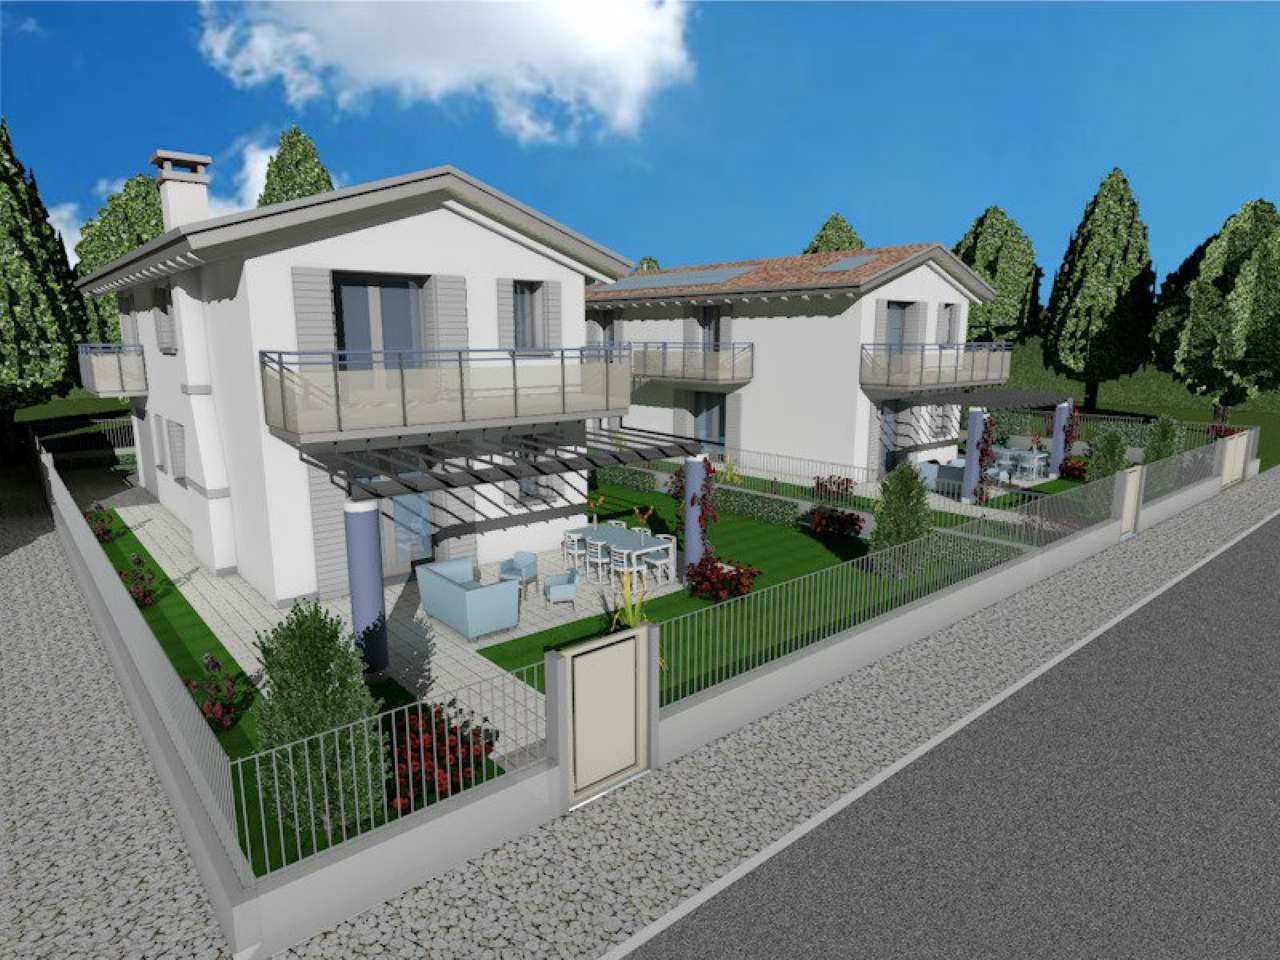 Villa in vendita a Mira, 8 locali, prezzo € 205.000   CambioCasa.it